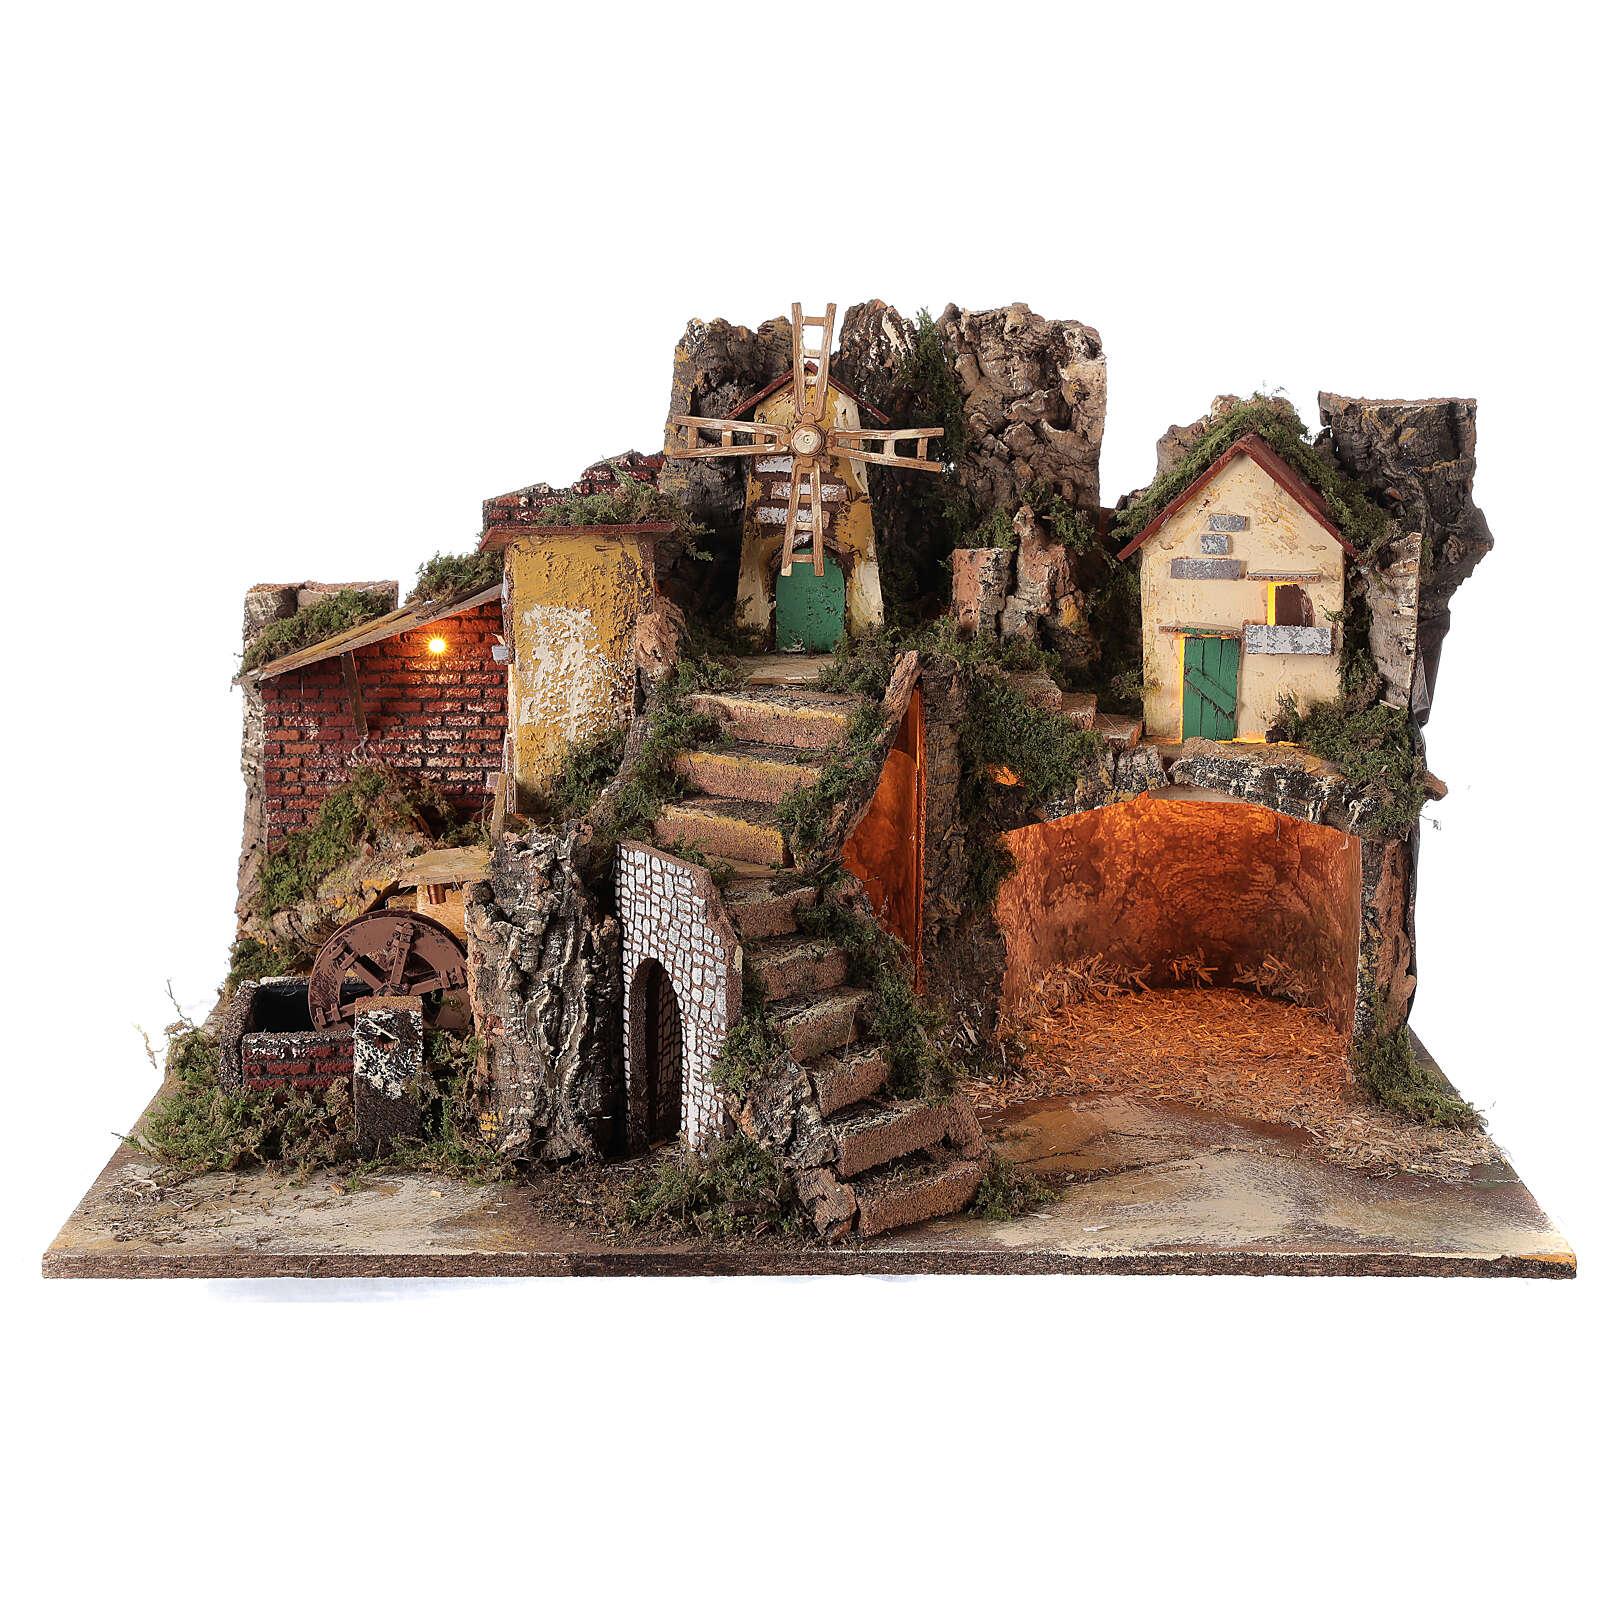 Villaggio illuminato con mulino ad acqua 40x65x50 cm presepe 10-12 cm 4